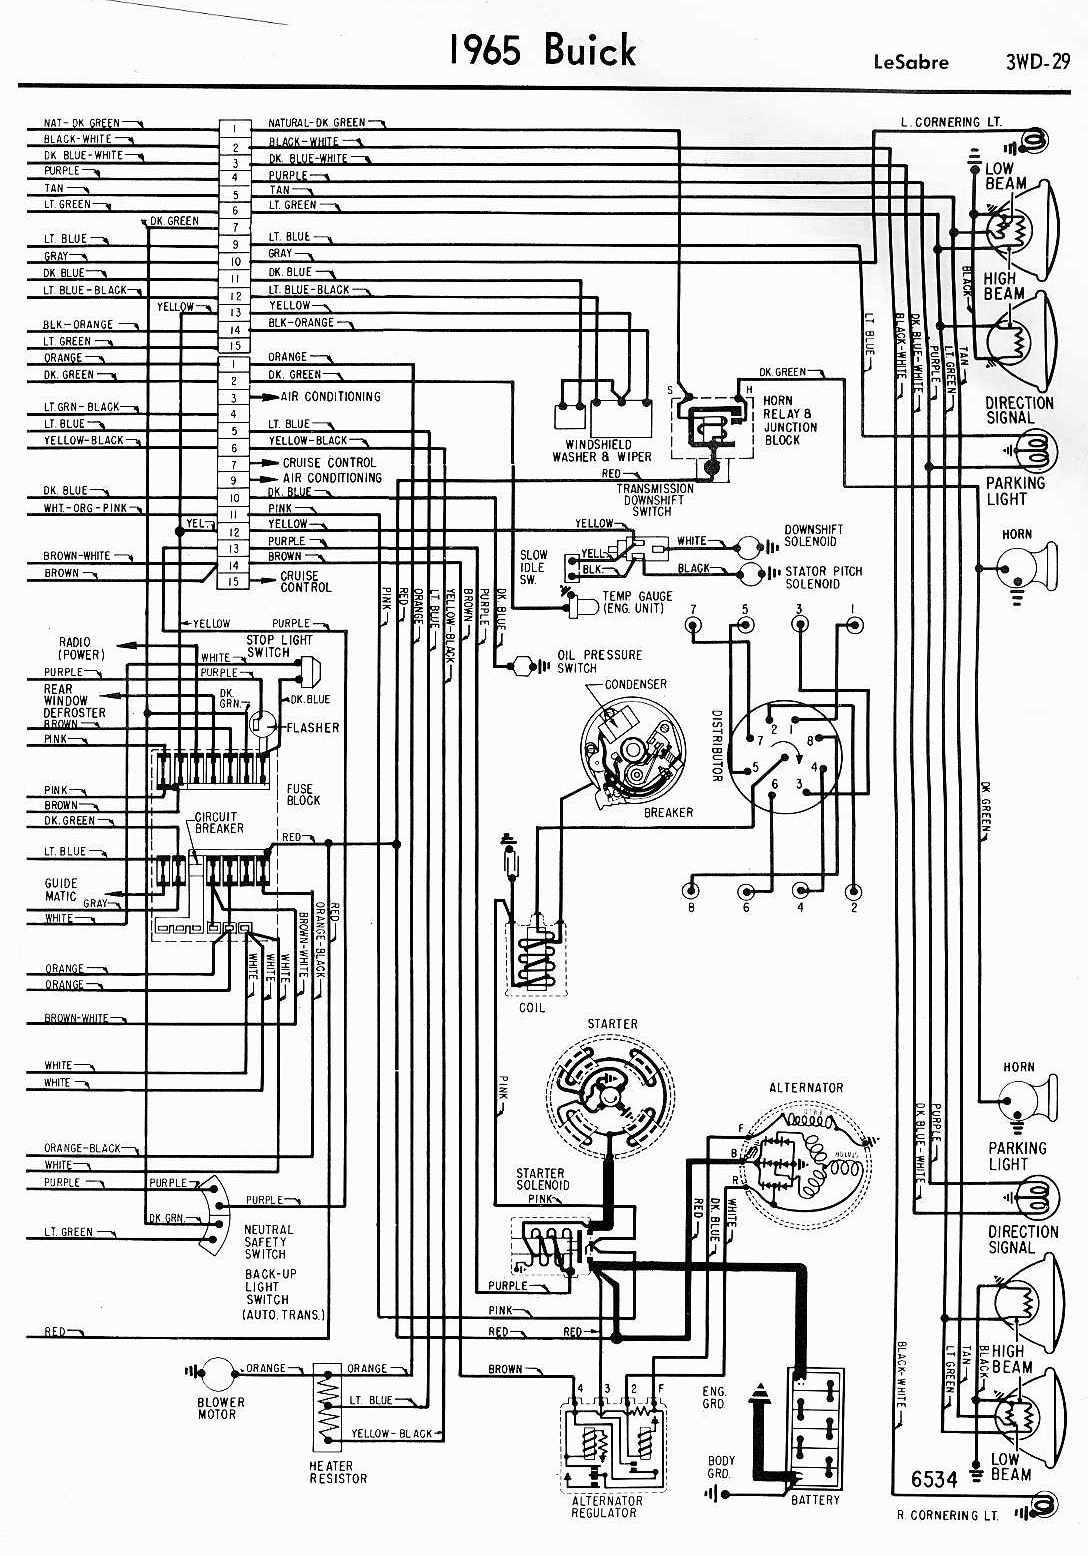 Berühmt Kostenloses Auto Schaltplan Oldsmobile Bilder - Elektrische ...